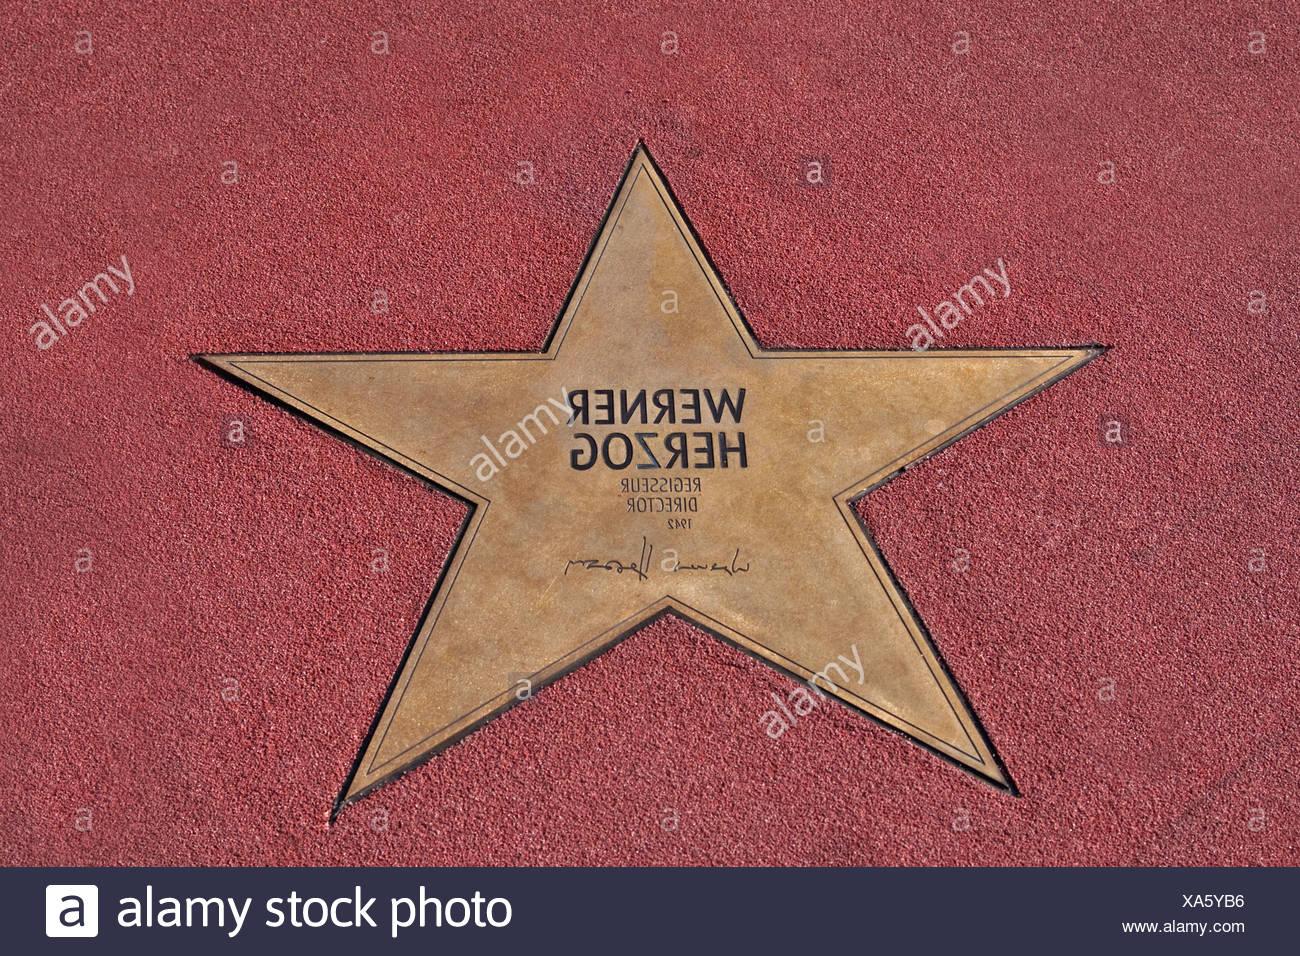 Stern von Werner Herzog, Boulevard der Stars, Spaziergang von Sternen, Platz, Potsdamer Platz Berlin, Deutschland, Europa Stockbild